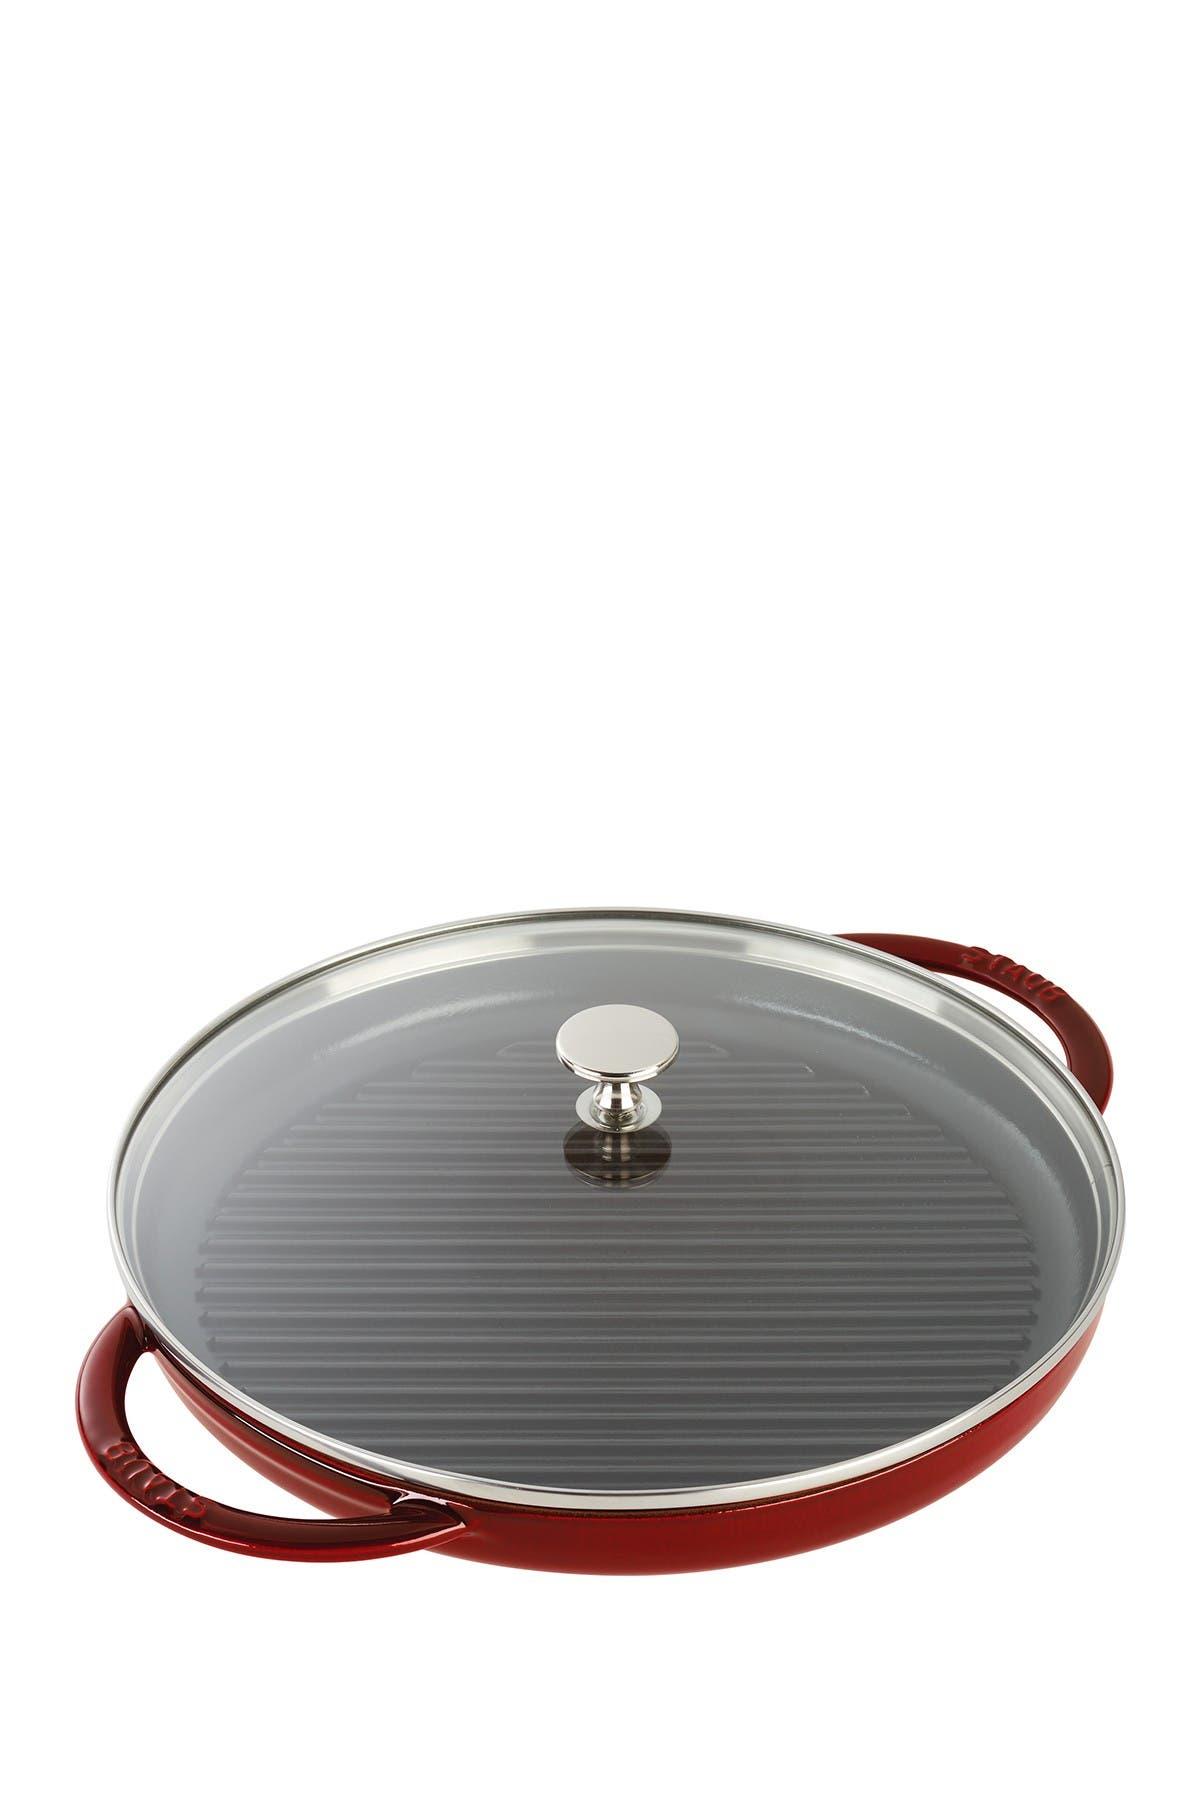 """Image of Staub Grenadine 10"""" Round Steam Grill"""